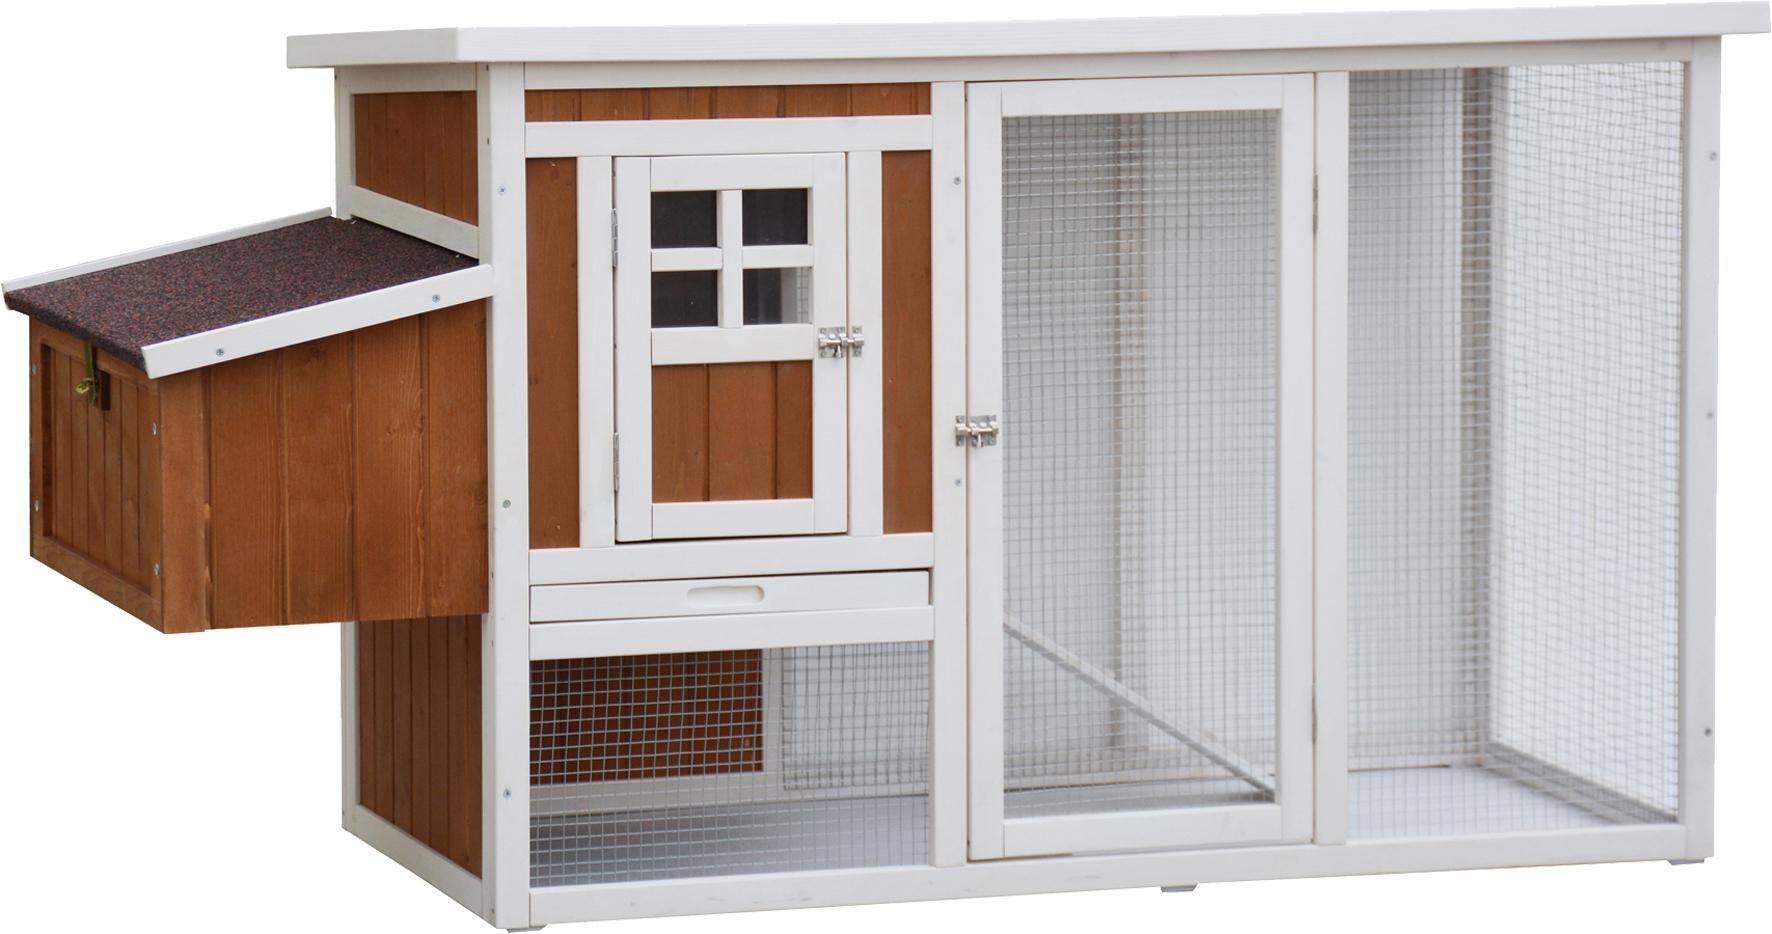 Kaninchen- Meerschweinchen Außenstall Hühnerstall Mansion Image